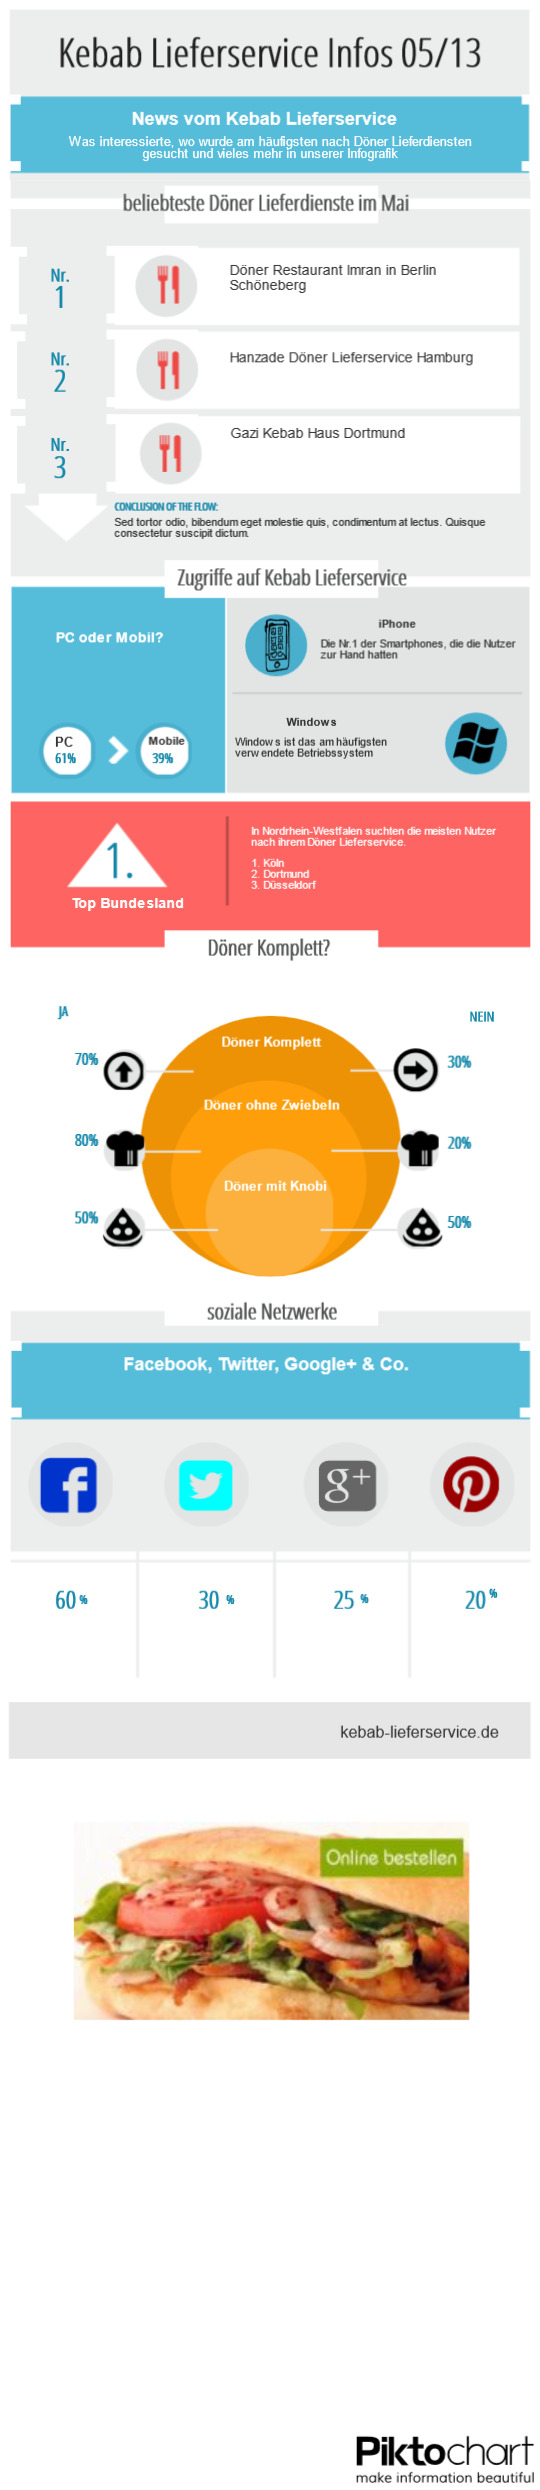 Infografik: Best of Döner Lieferservice im Mai, was interessierte am meisten?